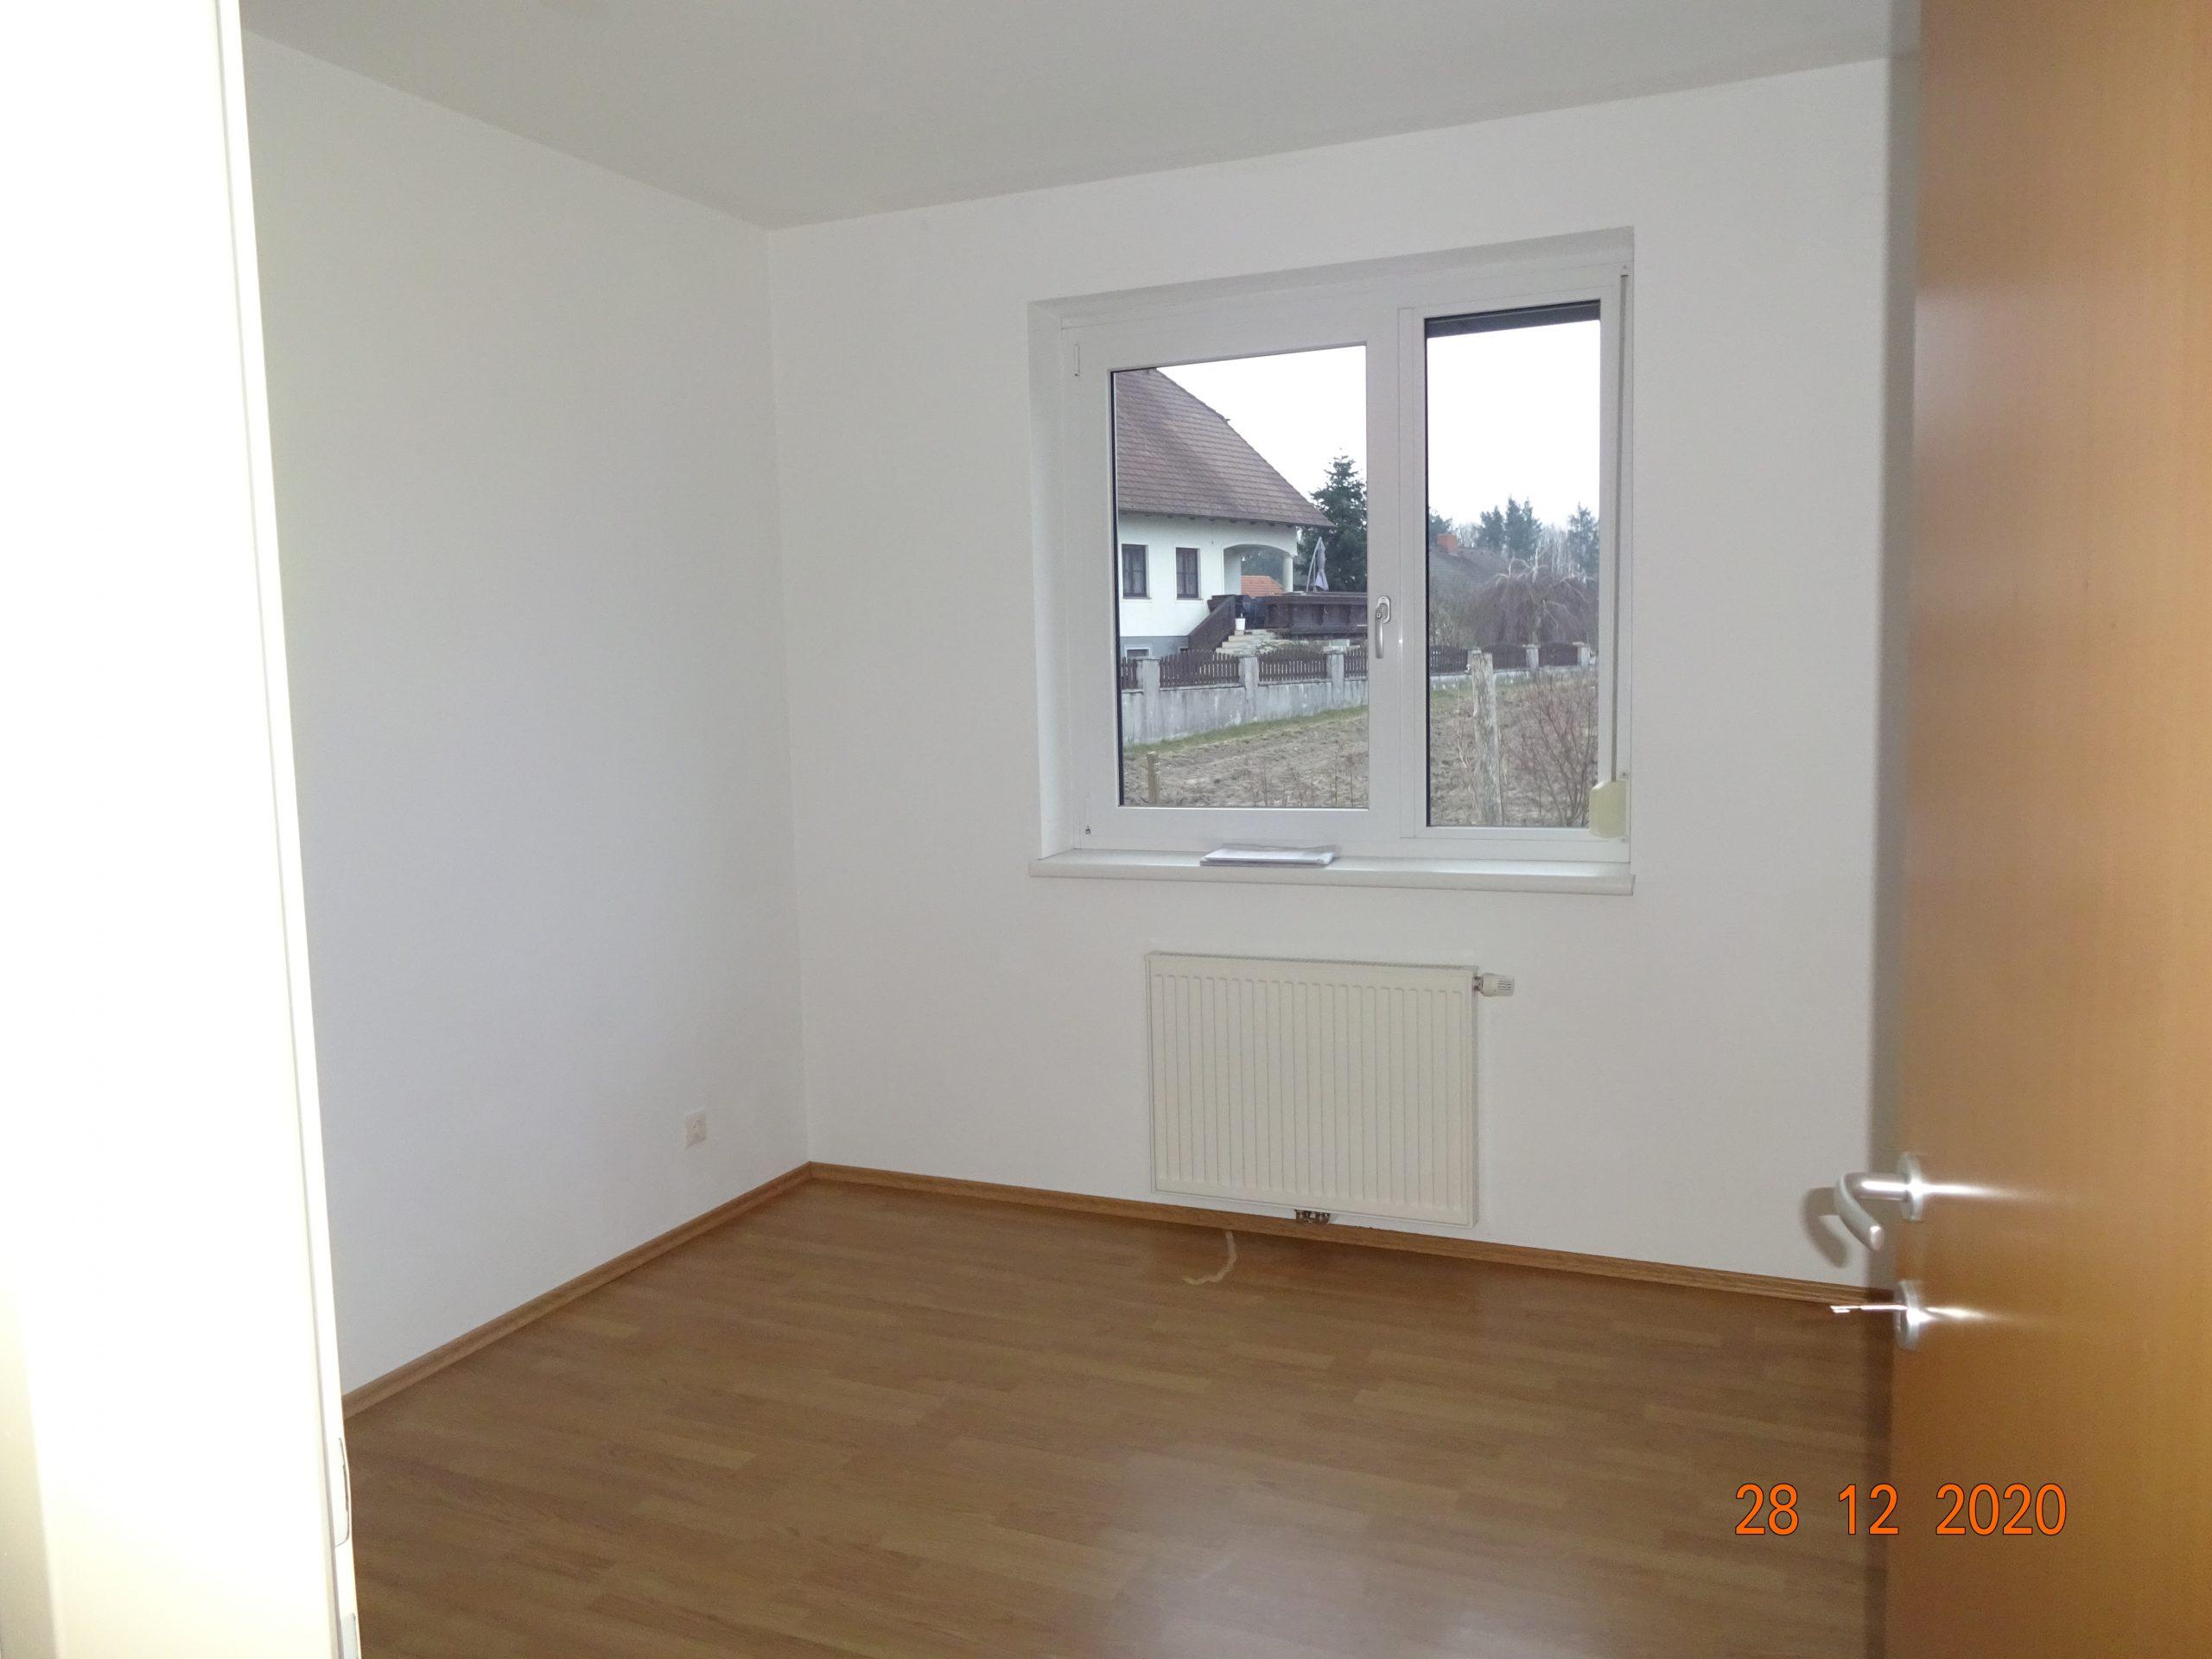 Immobilie von Kamptal in 3572 St. Leonhard am Hornerwald, Krems(Land), St. Leonhard I/2 - Top 202 #6